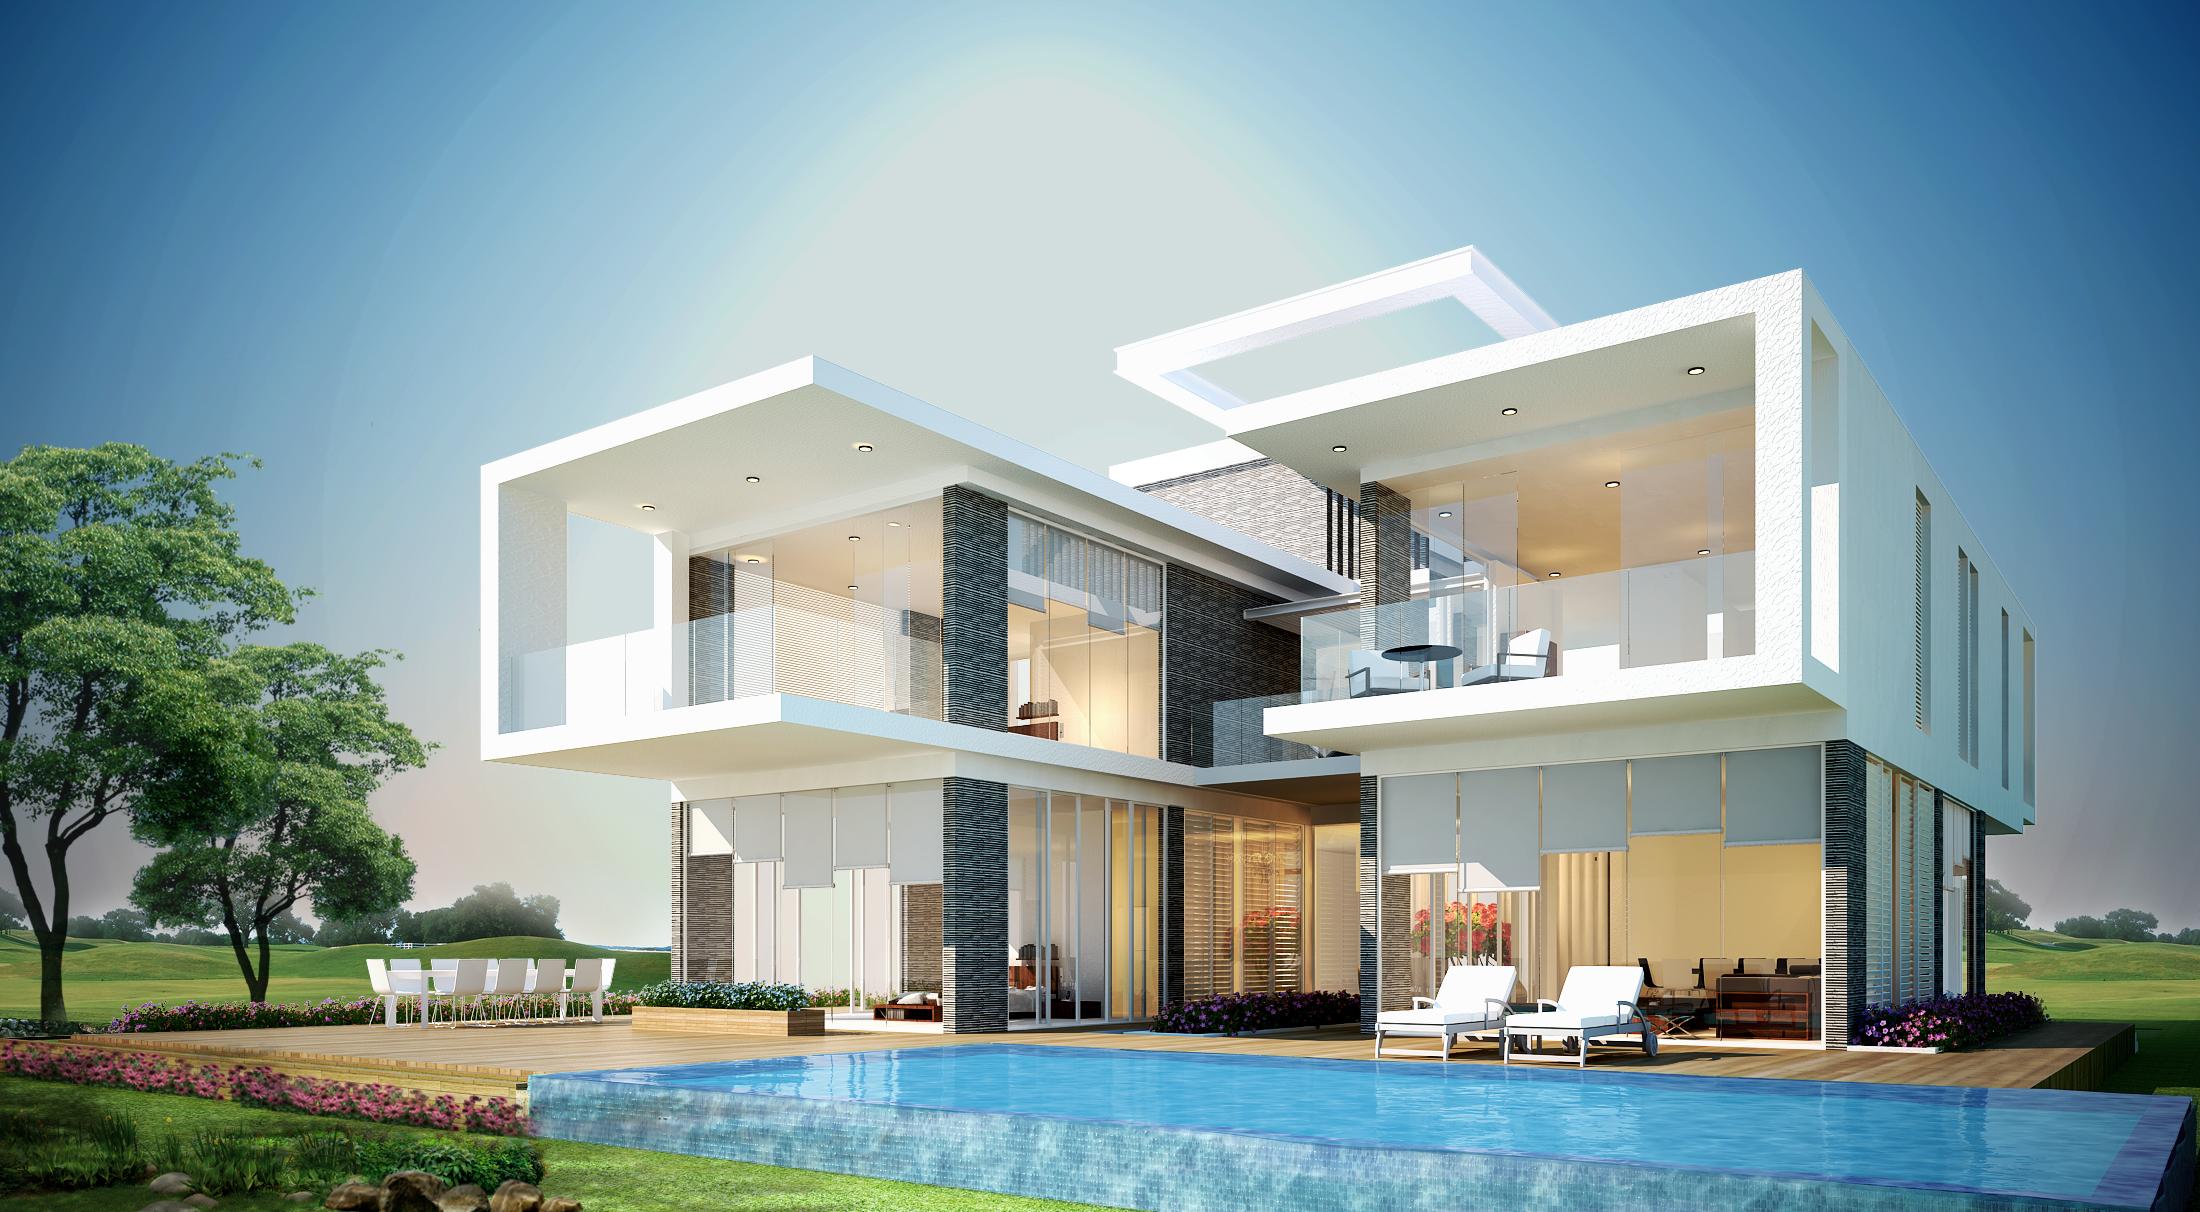 Проектирование домов и коттеджей - современные тенденции